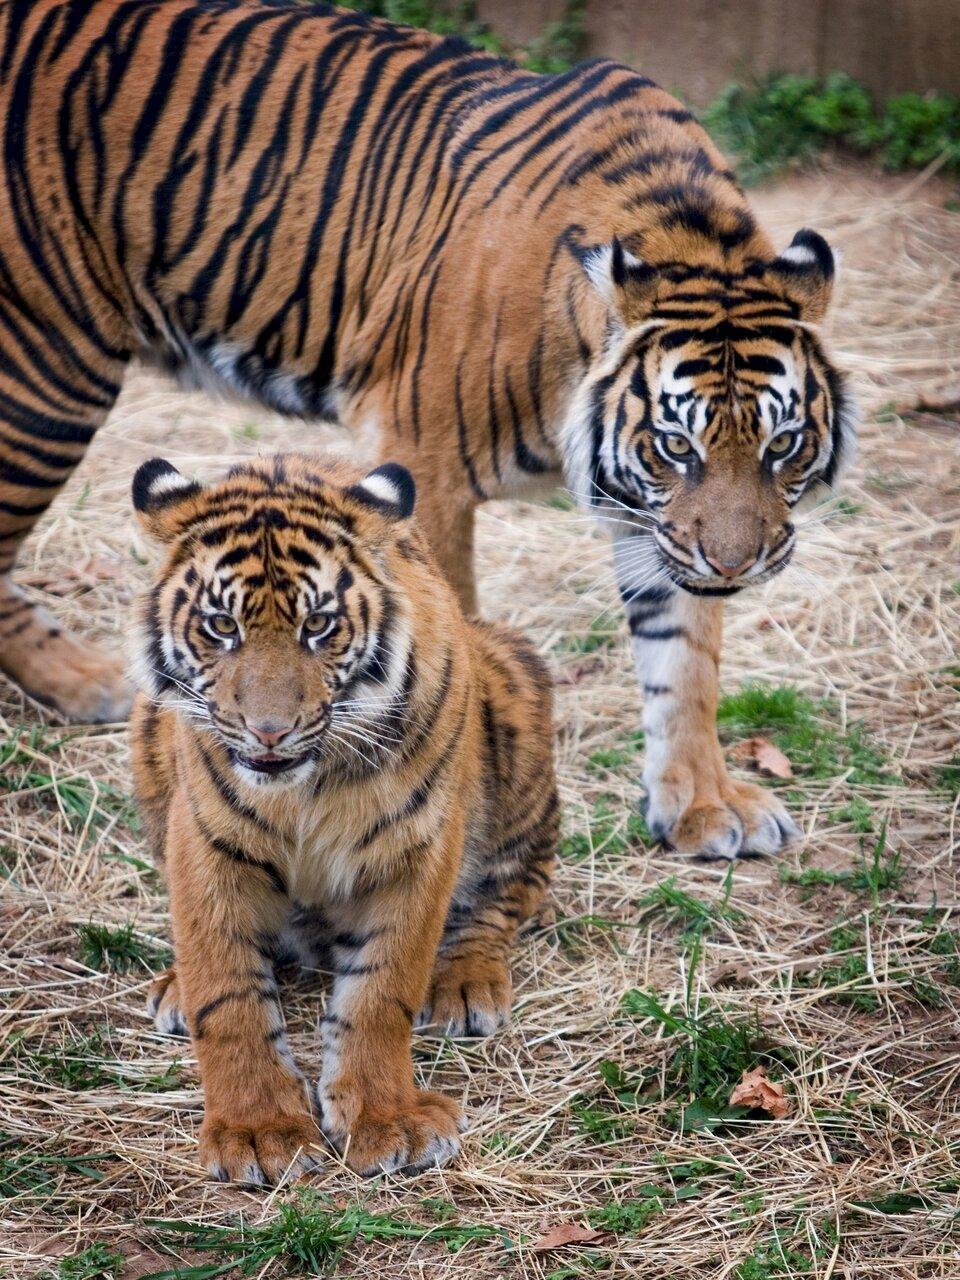 Fotografia przedstawia dwa tygrysy sumatrzańskie, samicę zmłodym. Oba mają brązowe futro wczarne paski. Mały tygrys siedzi zprzodu na suchej trawie, duży stoi ztyłu na ogrodzonym terenie.